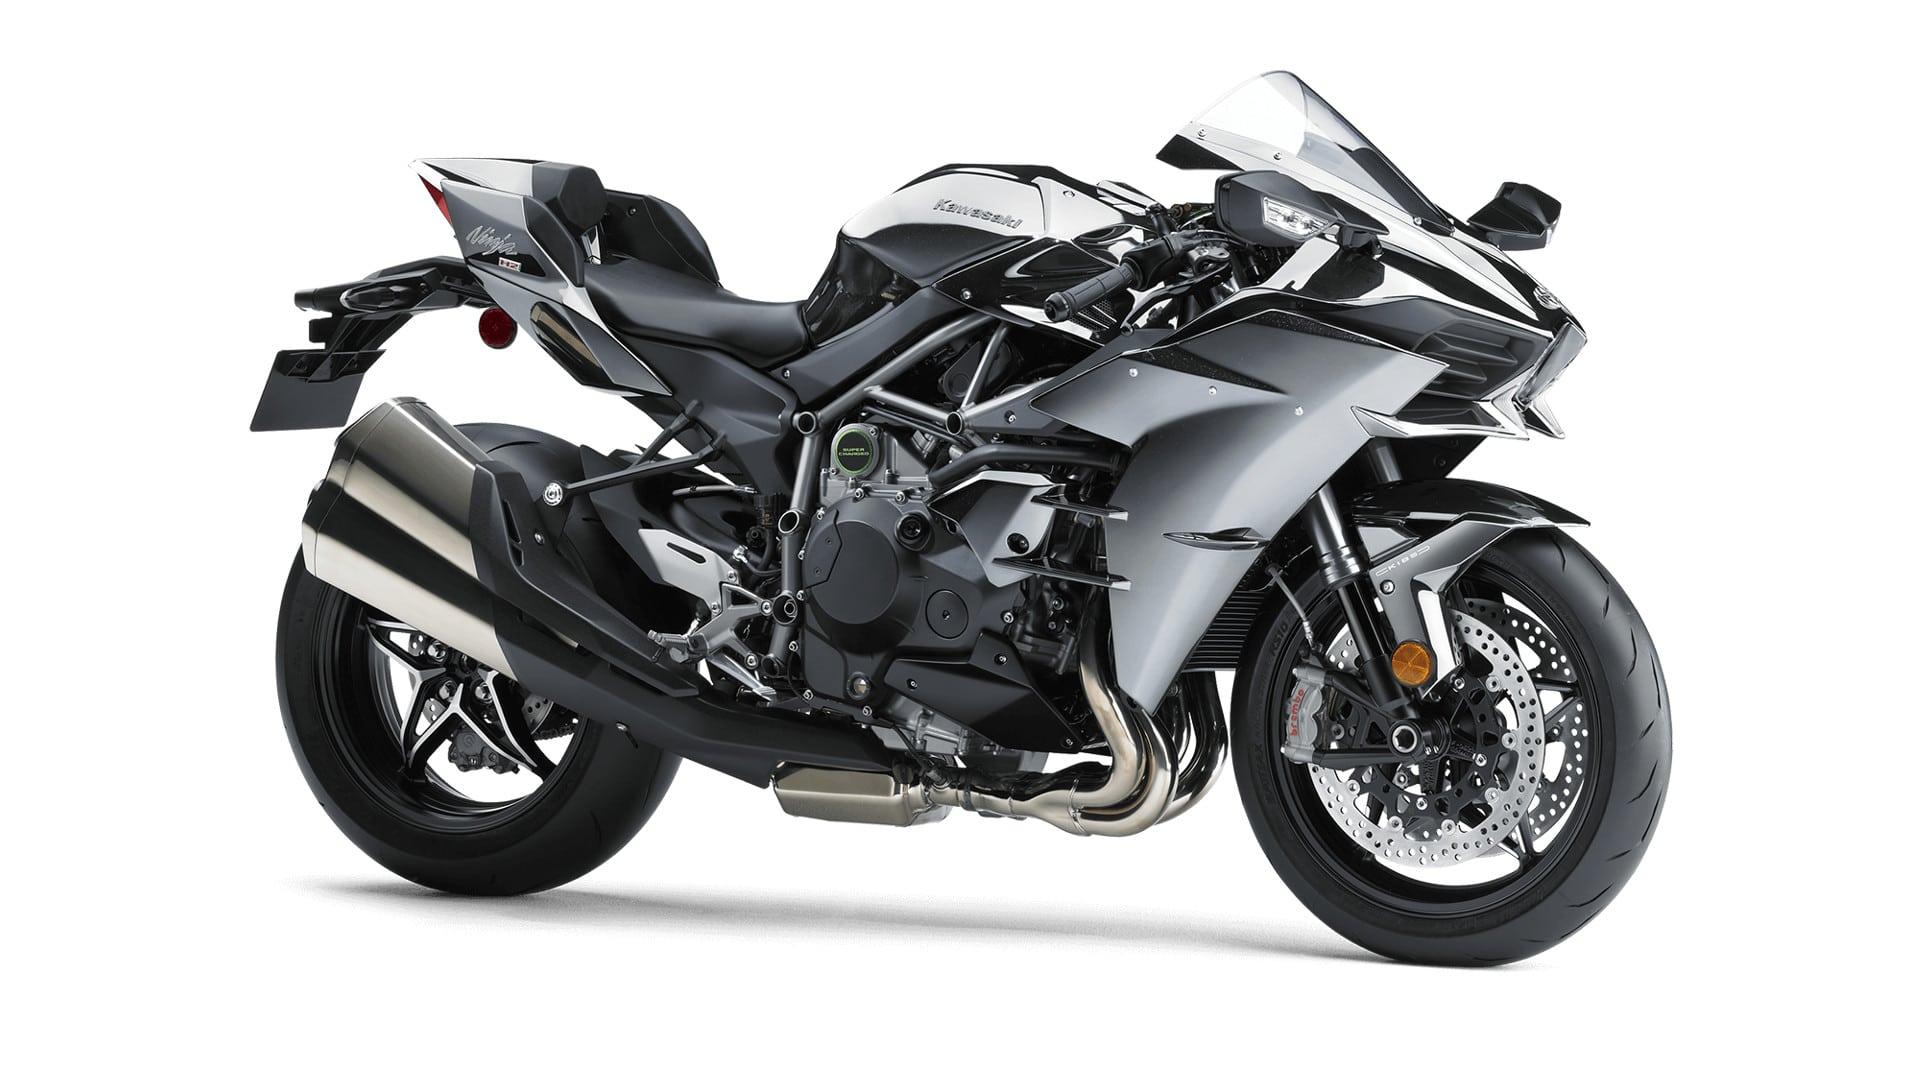 2016 Kawasaki Ninja H2